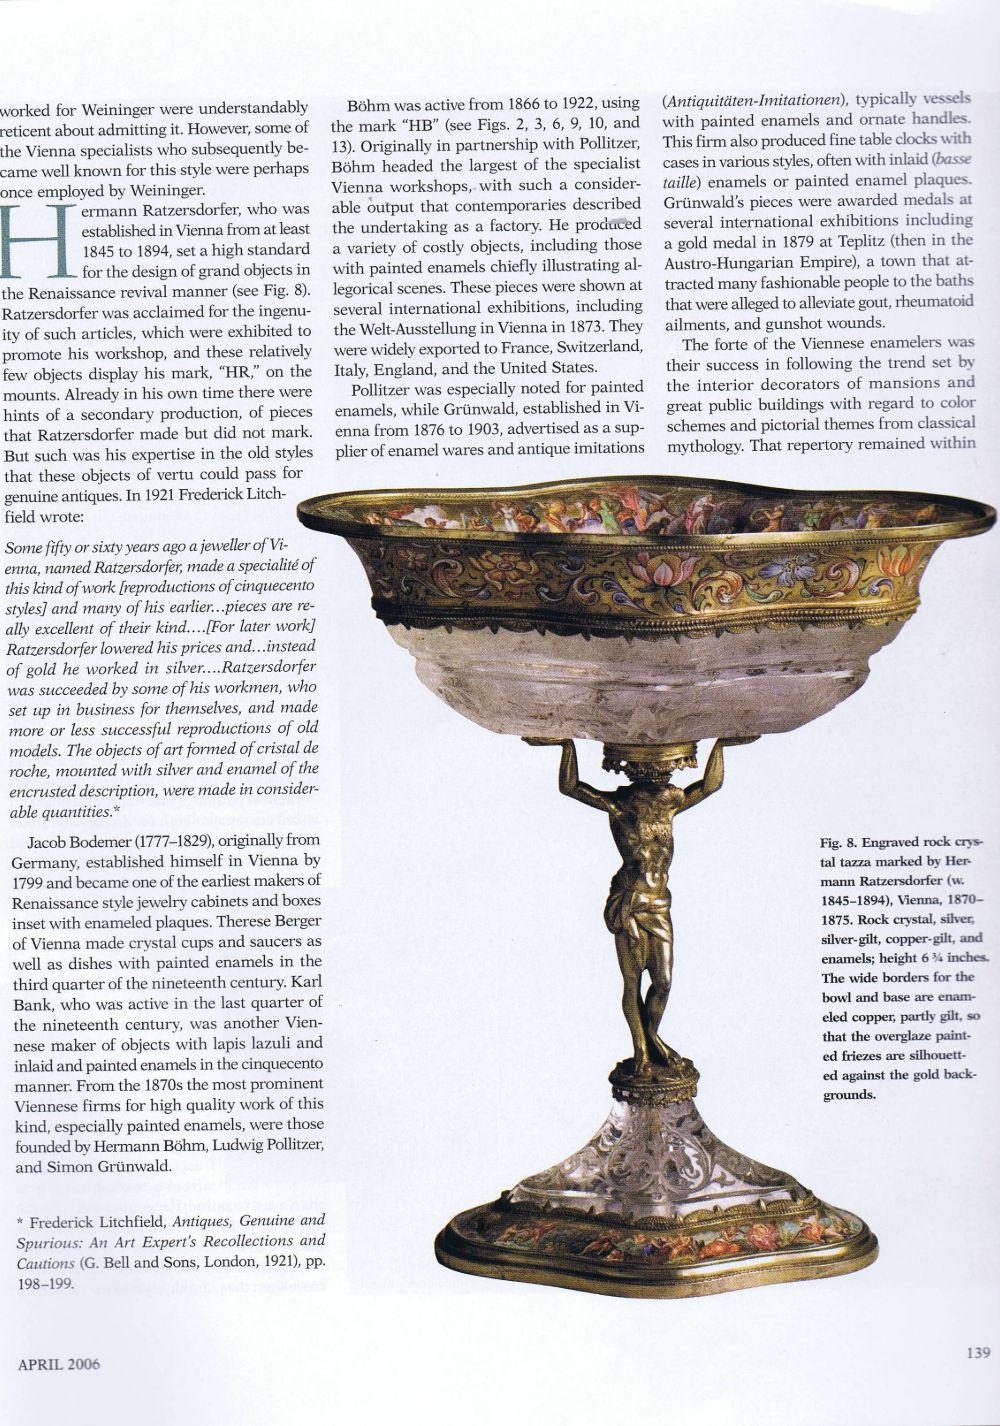 the magazine antiques06 April 2006.6